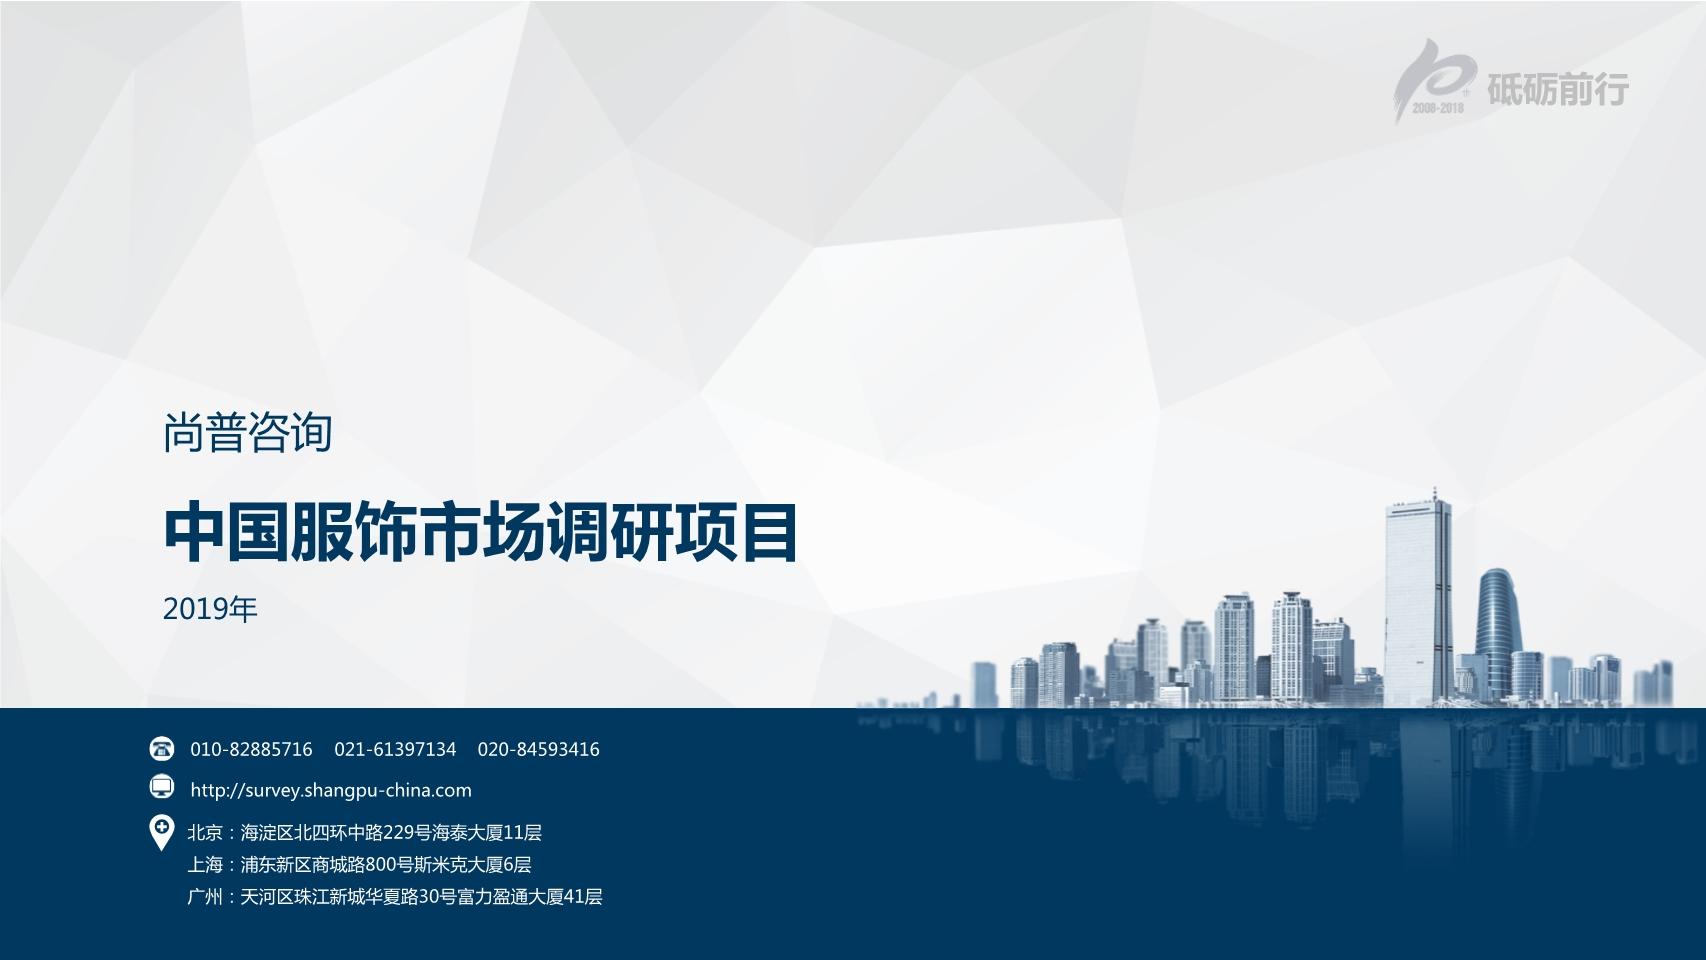 尚普咨询-中国服饰市场调研项目